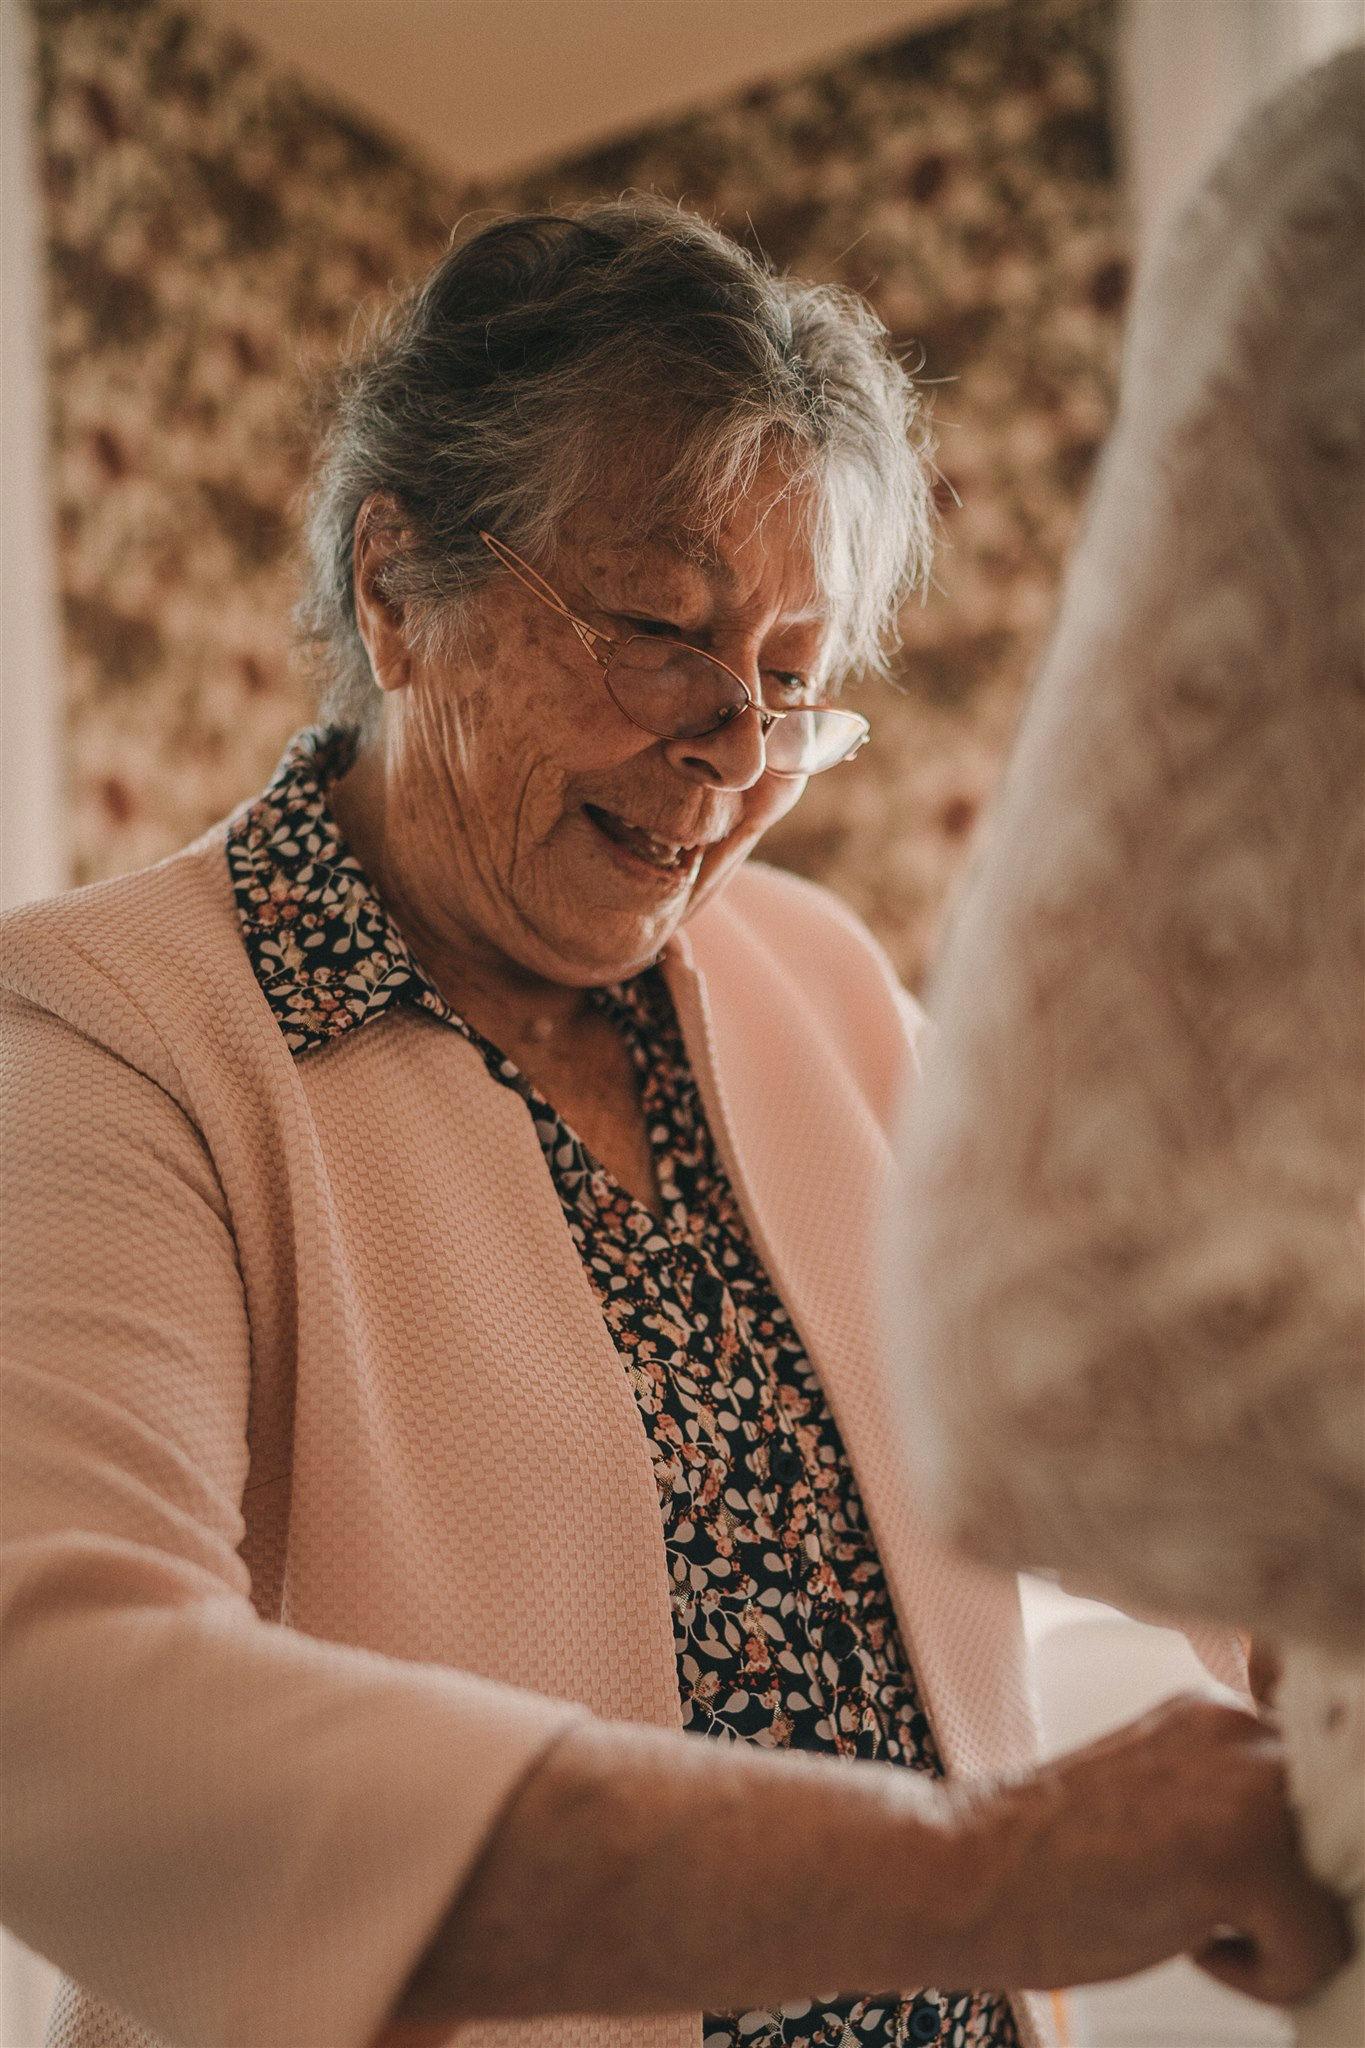 Elsa Yannick Photo De Mariage Au Manoir De Kerhuel À Plounéour Lanvern 20septembre12A7302150 Www.antoineborzeix.fr , Photographe & Videaste à Brest / Finistère